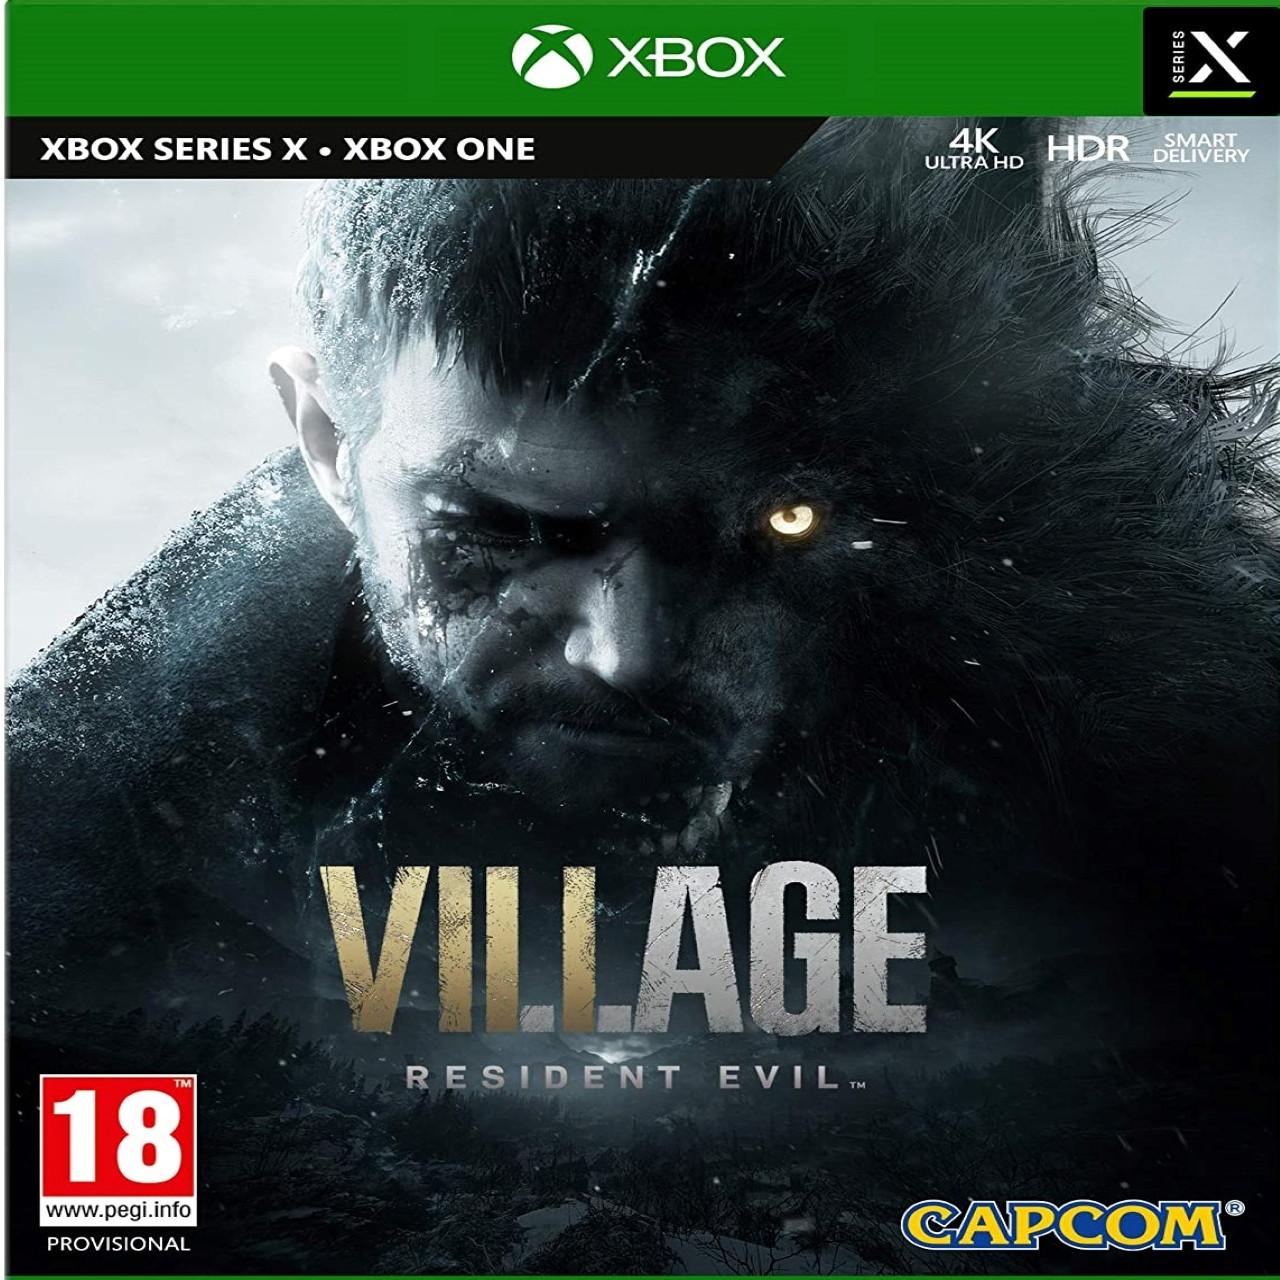 Resident Evil Village (VIII) (російська версія) Xbox Series X